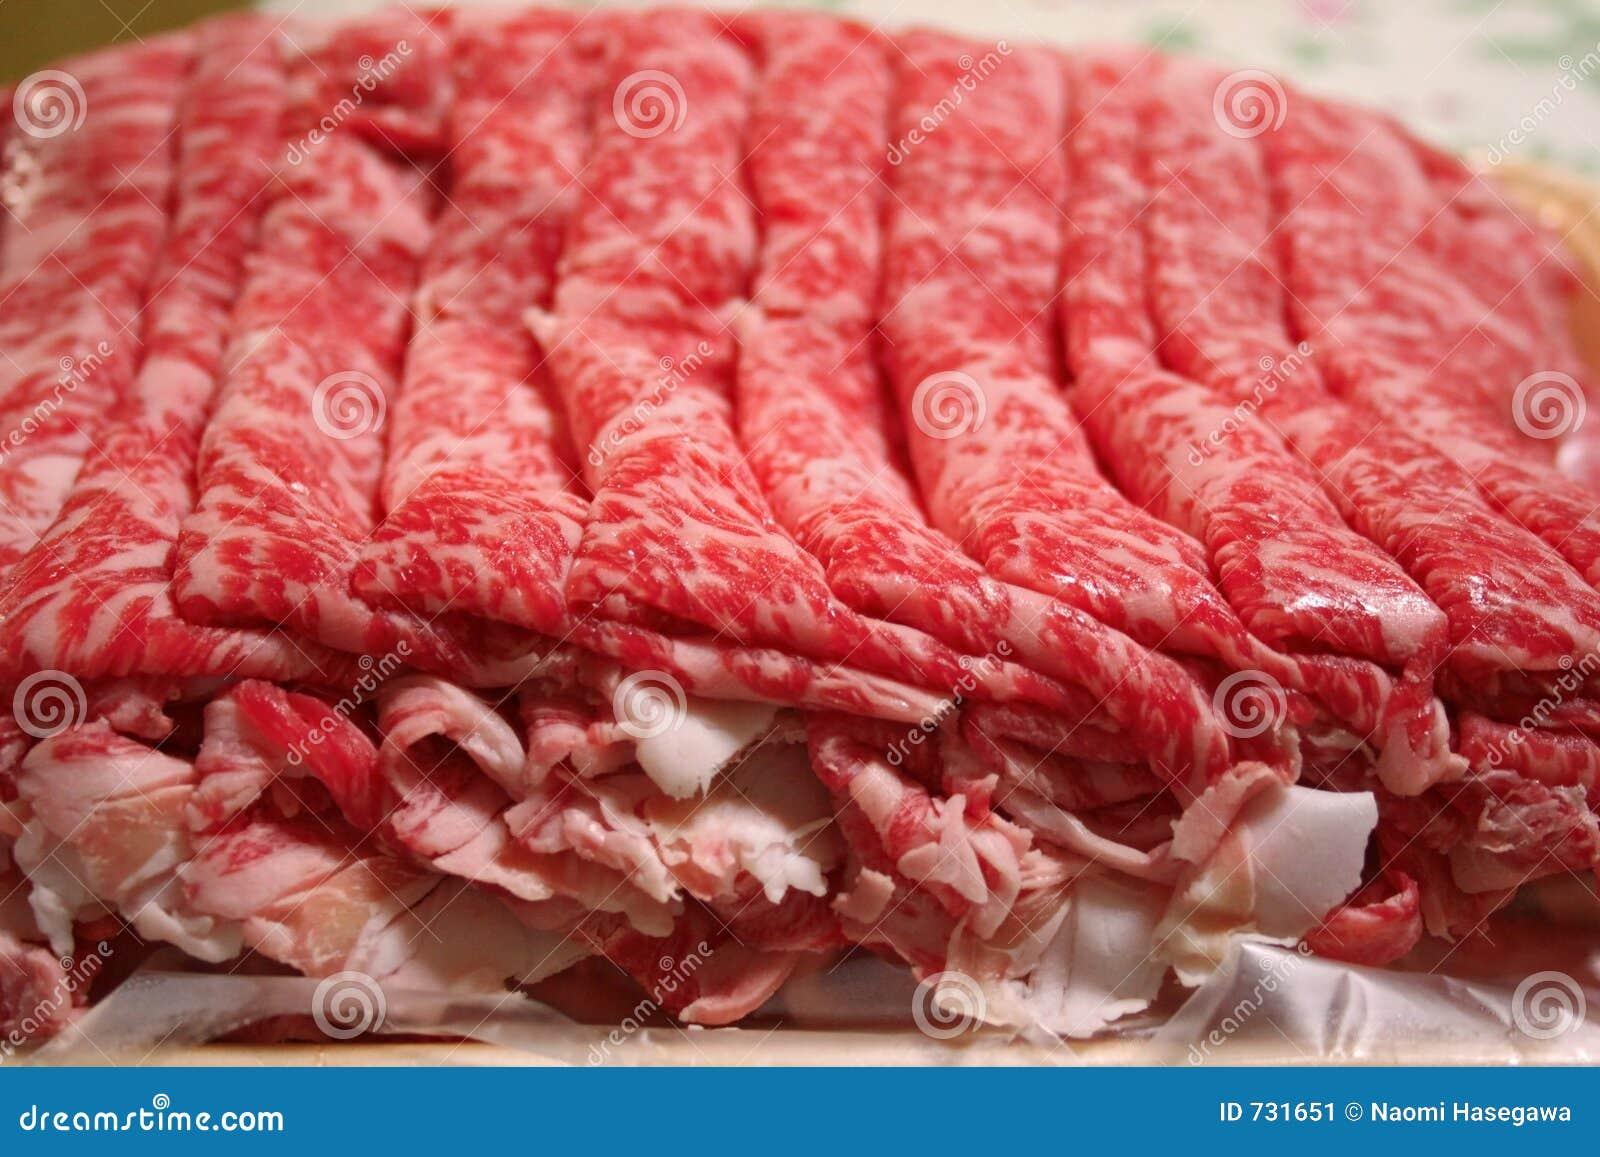 Plakken van Rundvlees